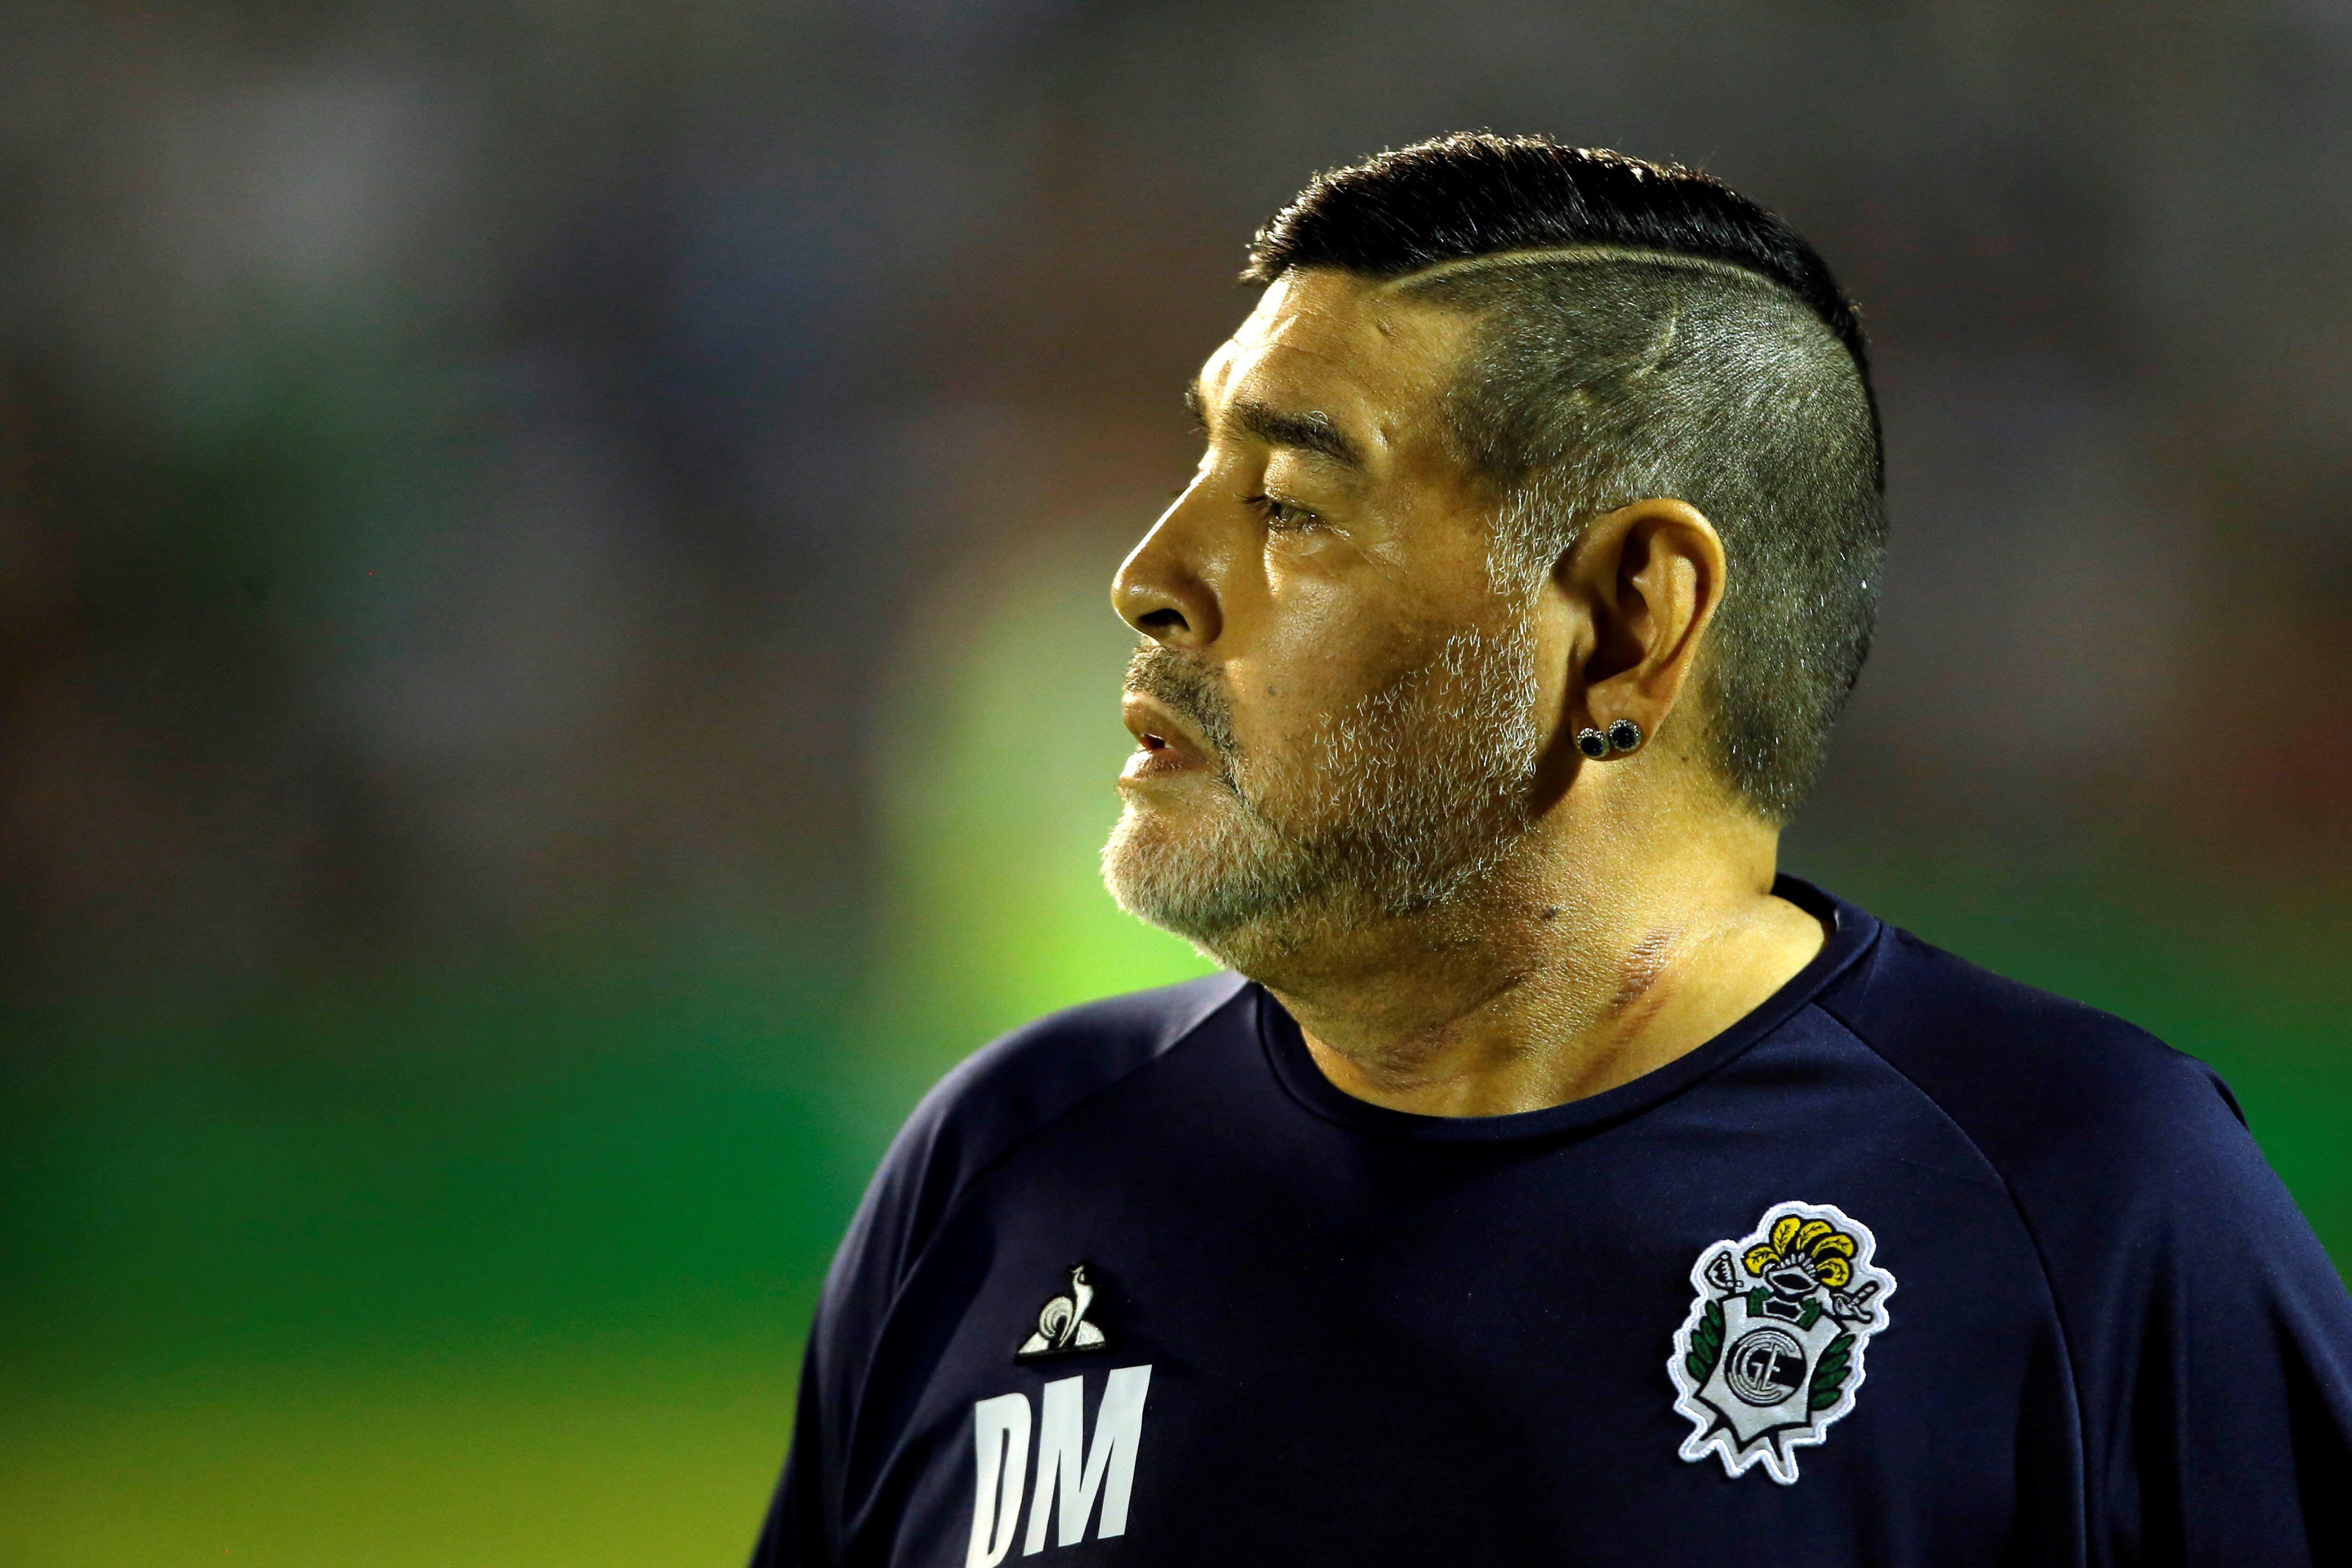 El exfutbolista argentino Diego Maradona, fallecido el 25 de noviembre de 2020, en una fotografía de archivo. EFE/Demian Alday Estévez